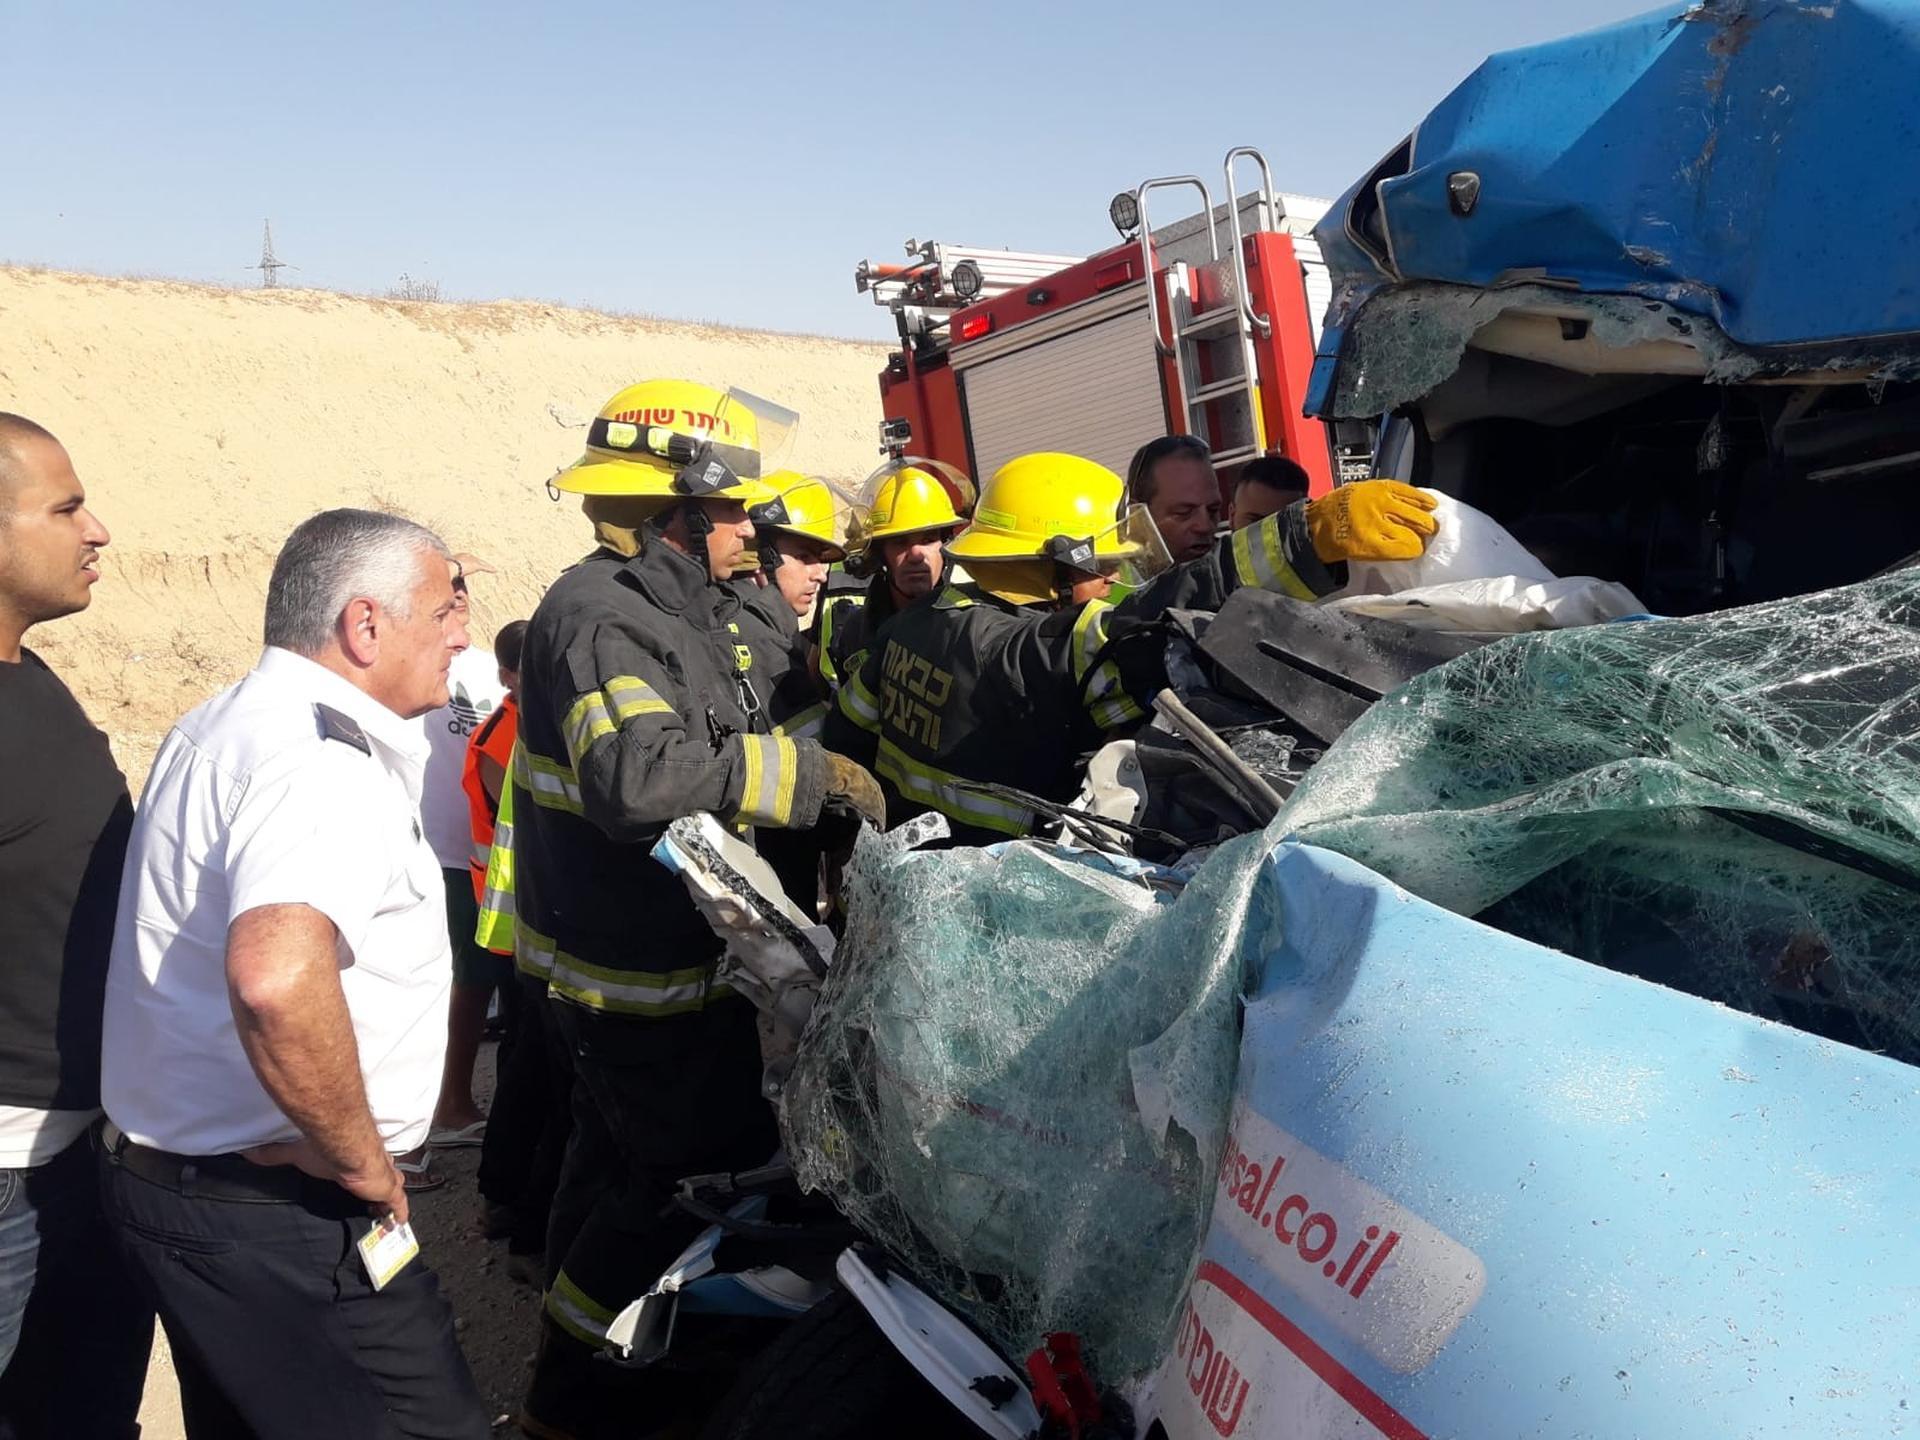 רגע חילוץ הפצועים   צילום: תיעוד מבצעי כבאות והצלה מחוז דרום